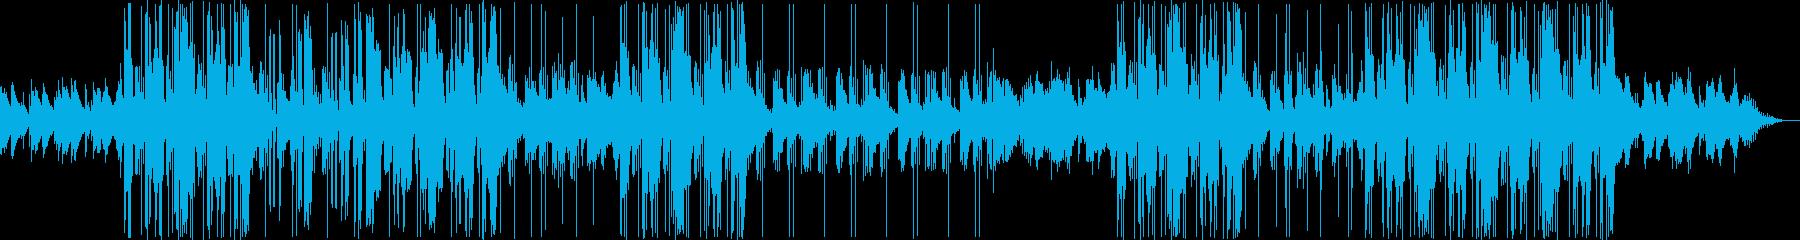 今っぽいヒップホップ、トラップソウルの再生済みの波形